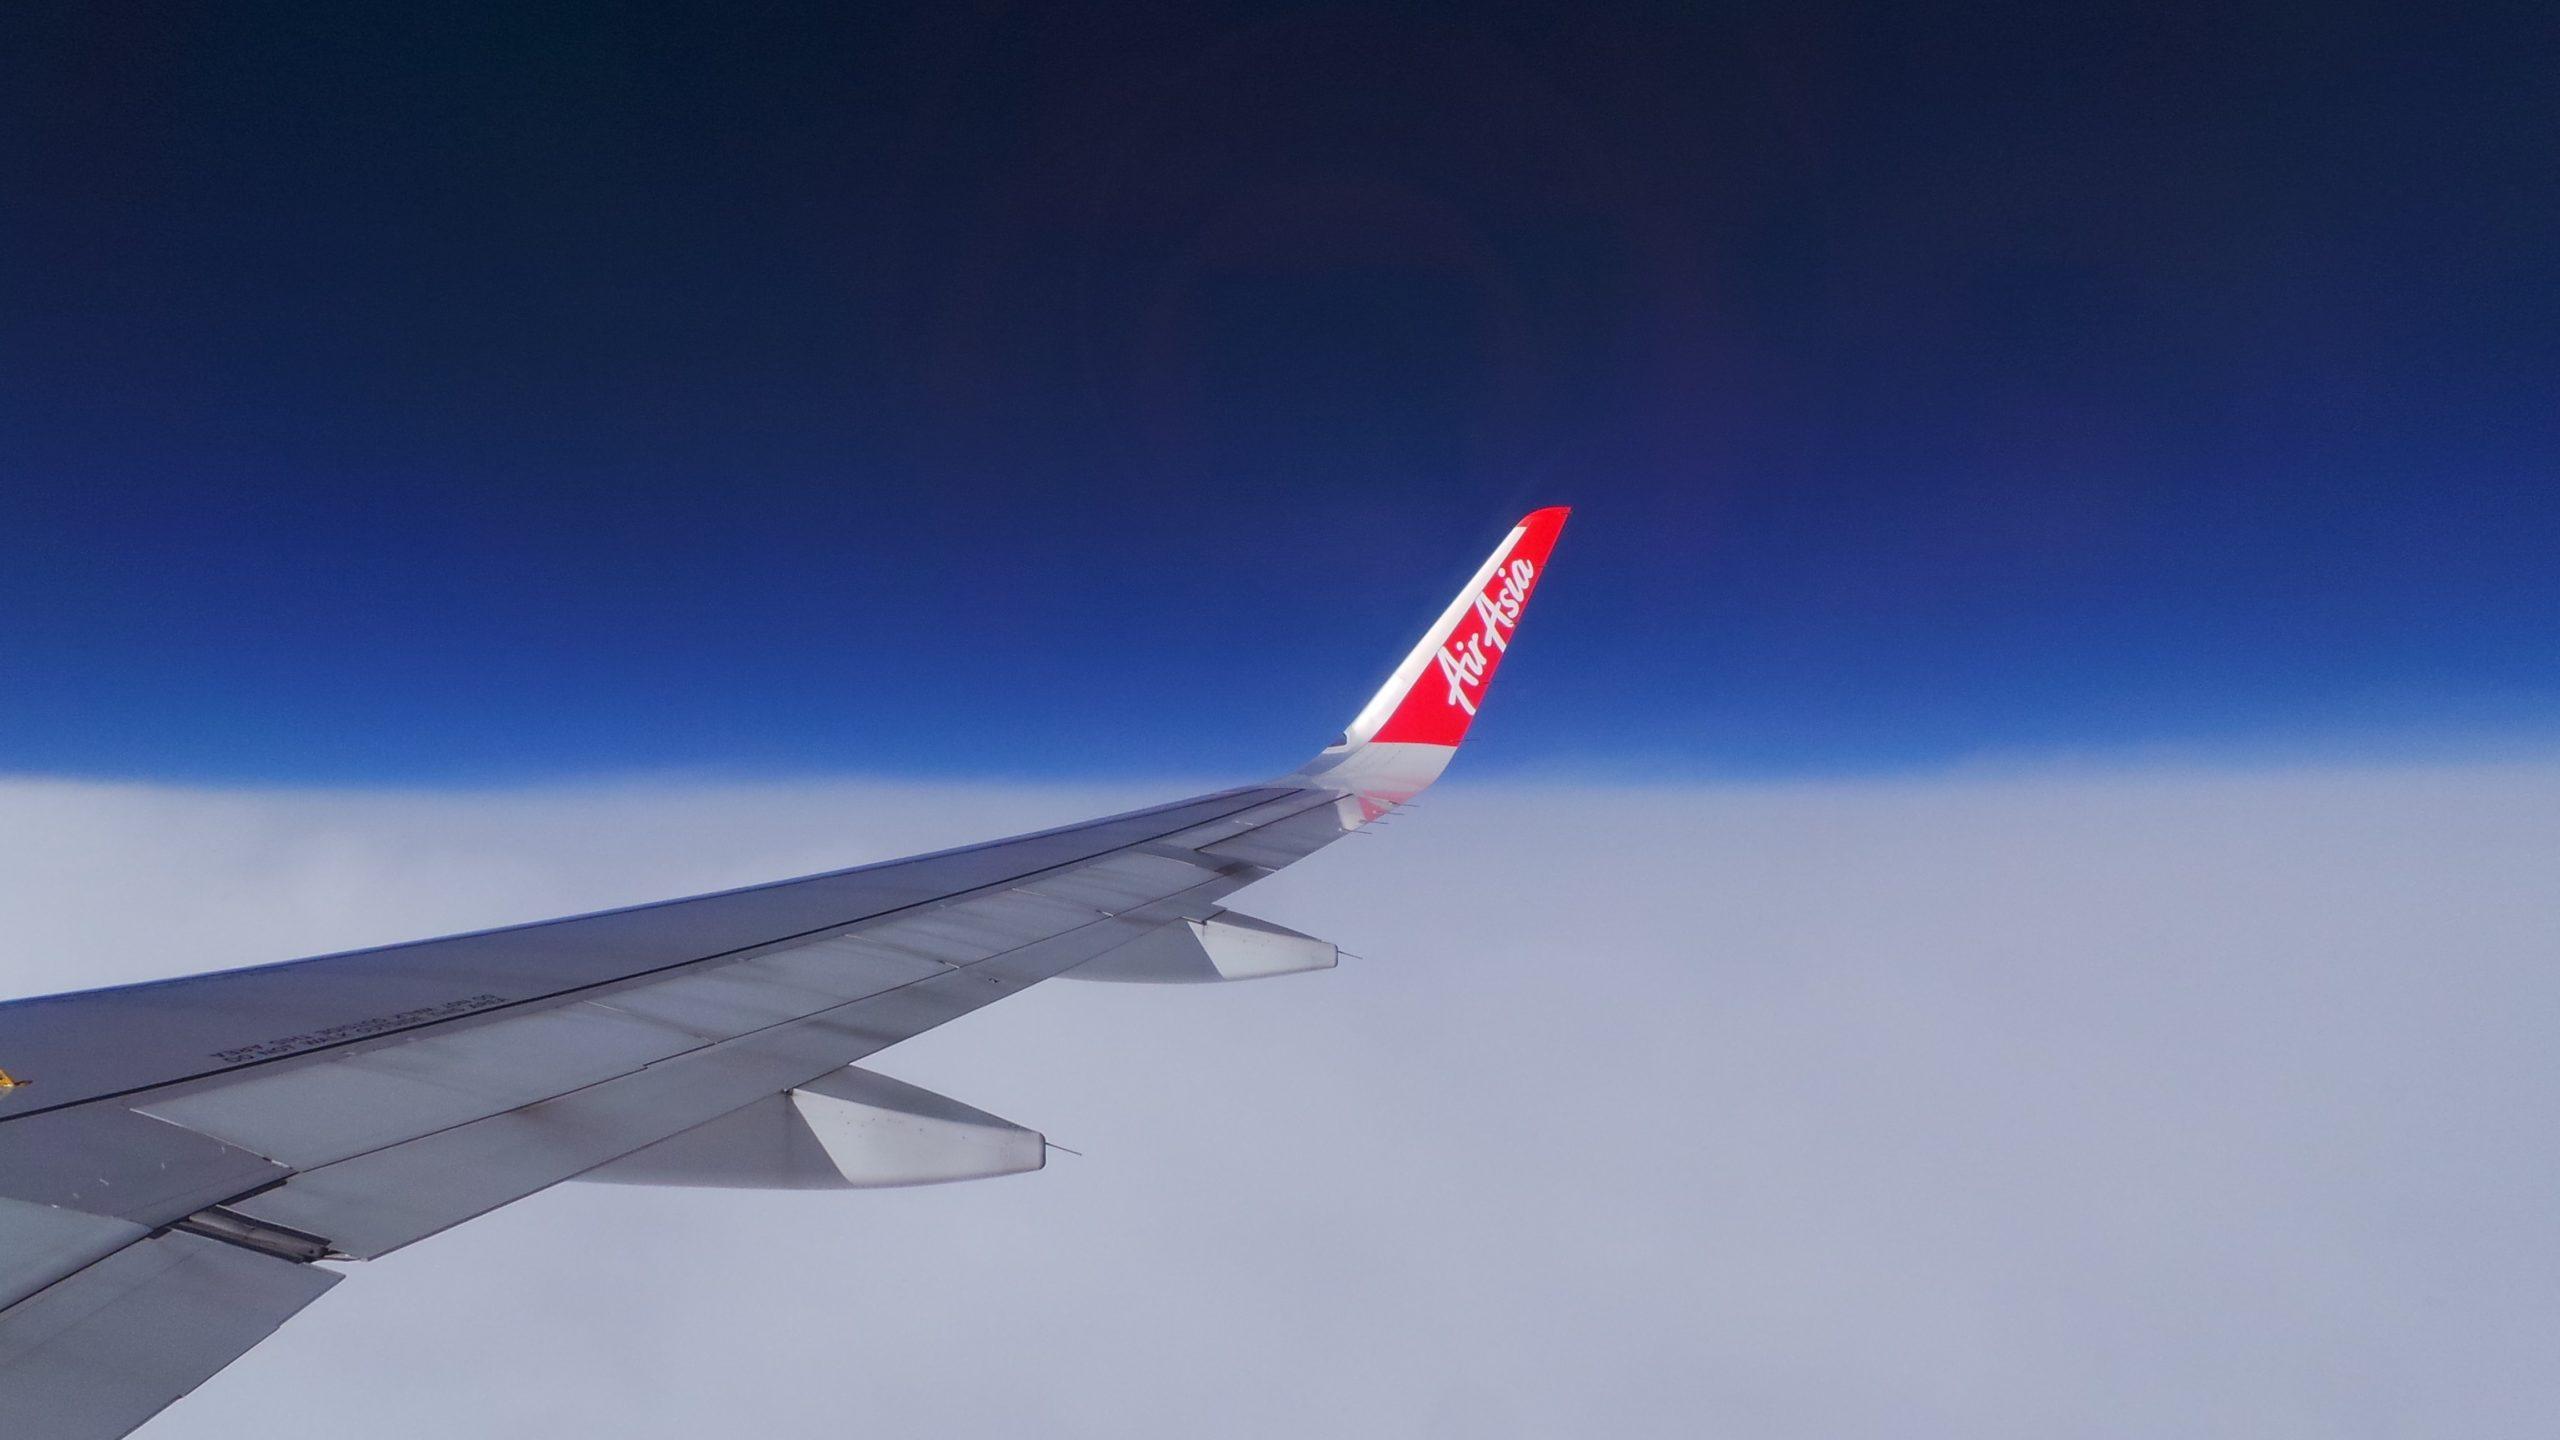 Samolot linii Air Asia